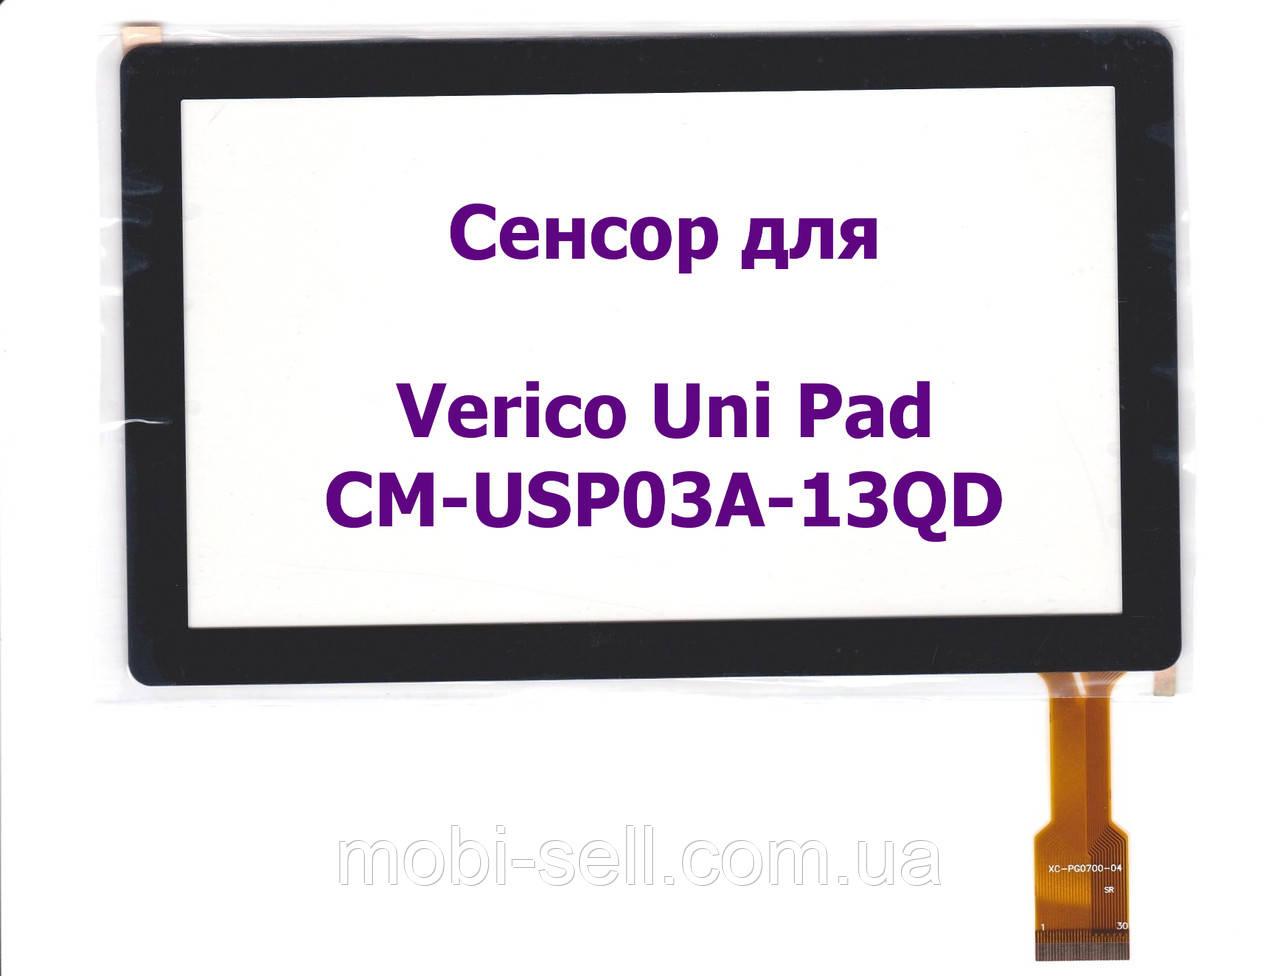 Сенсорный экран для Verico Uni Pad CM-USP03A-13D / 13QD / MM-UDP03B